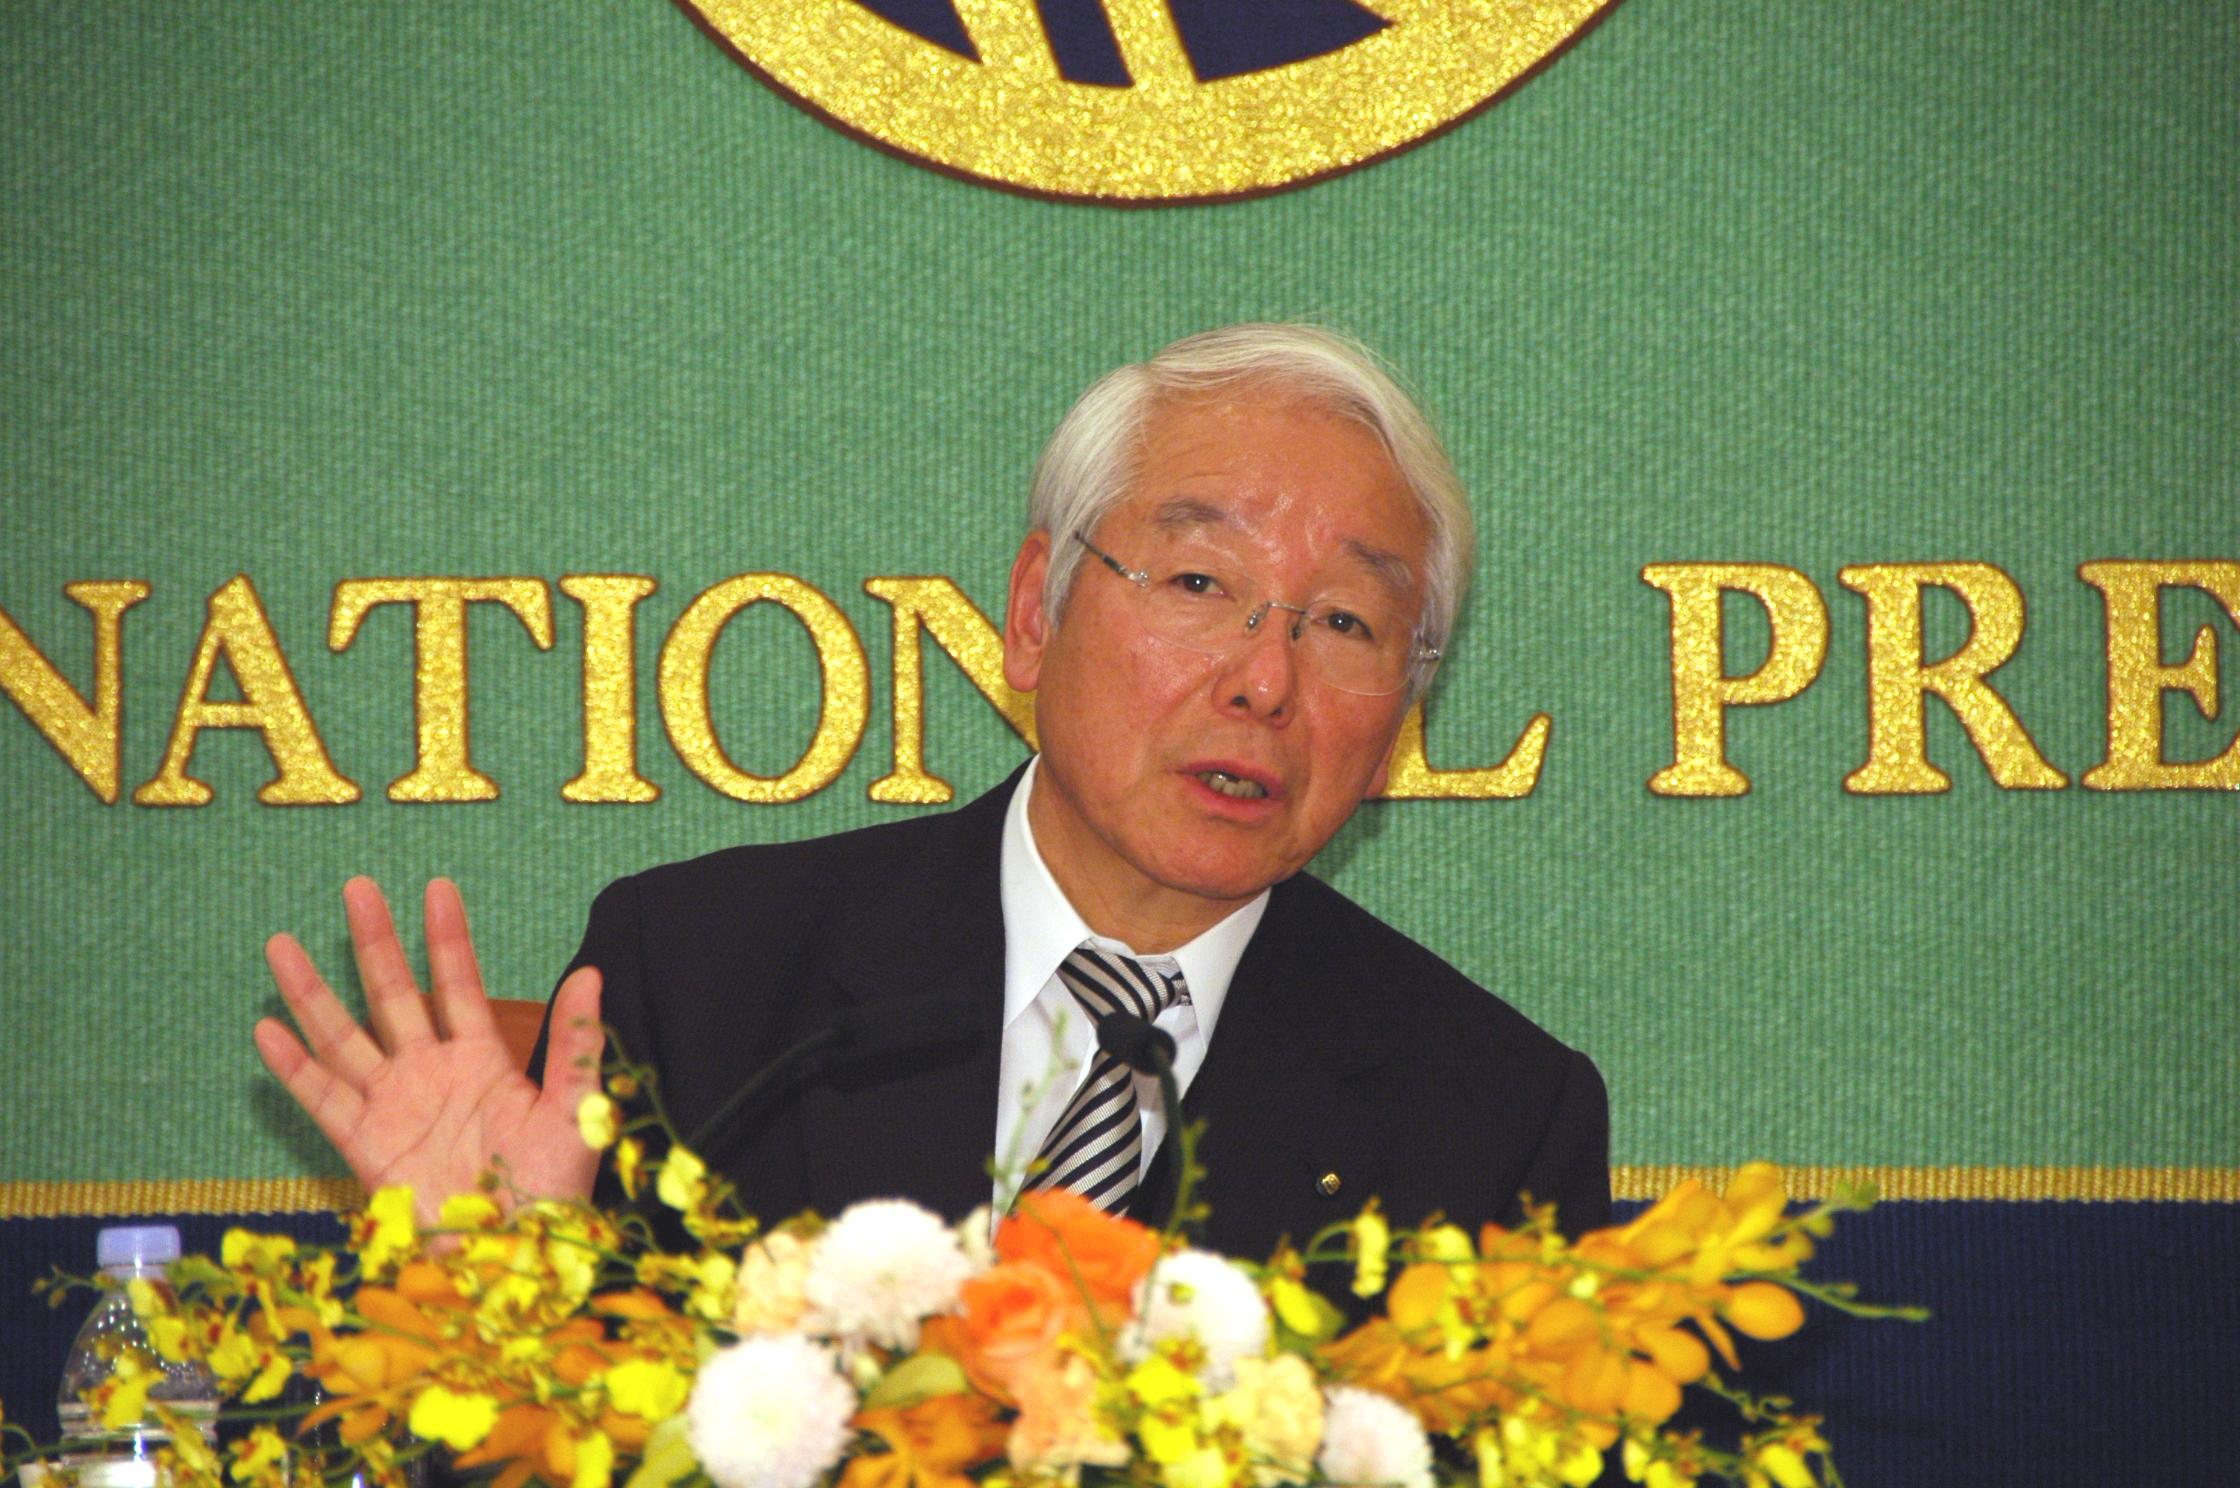 ... ・兵庫県知事 井戸敏三 写真 1